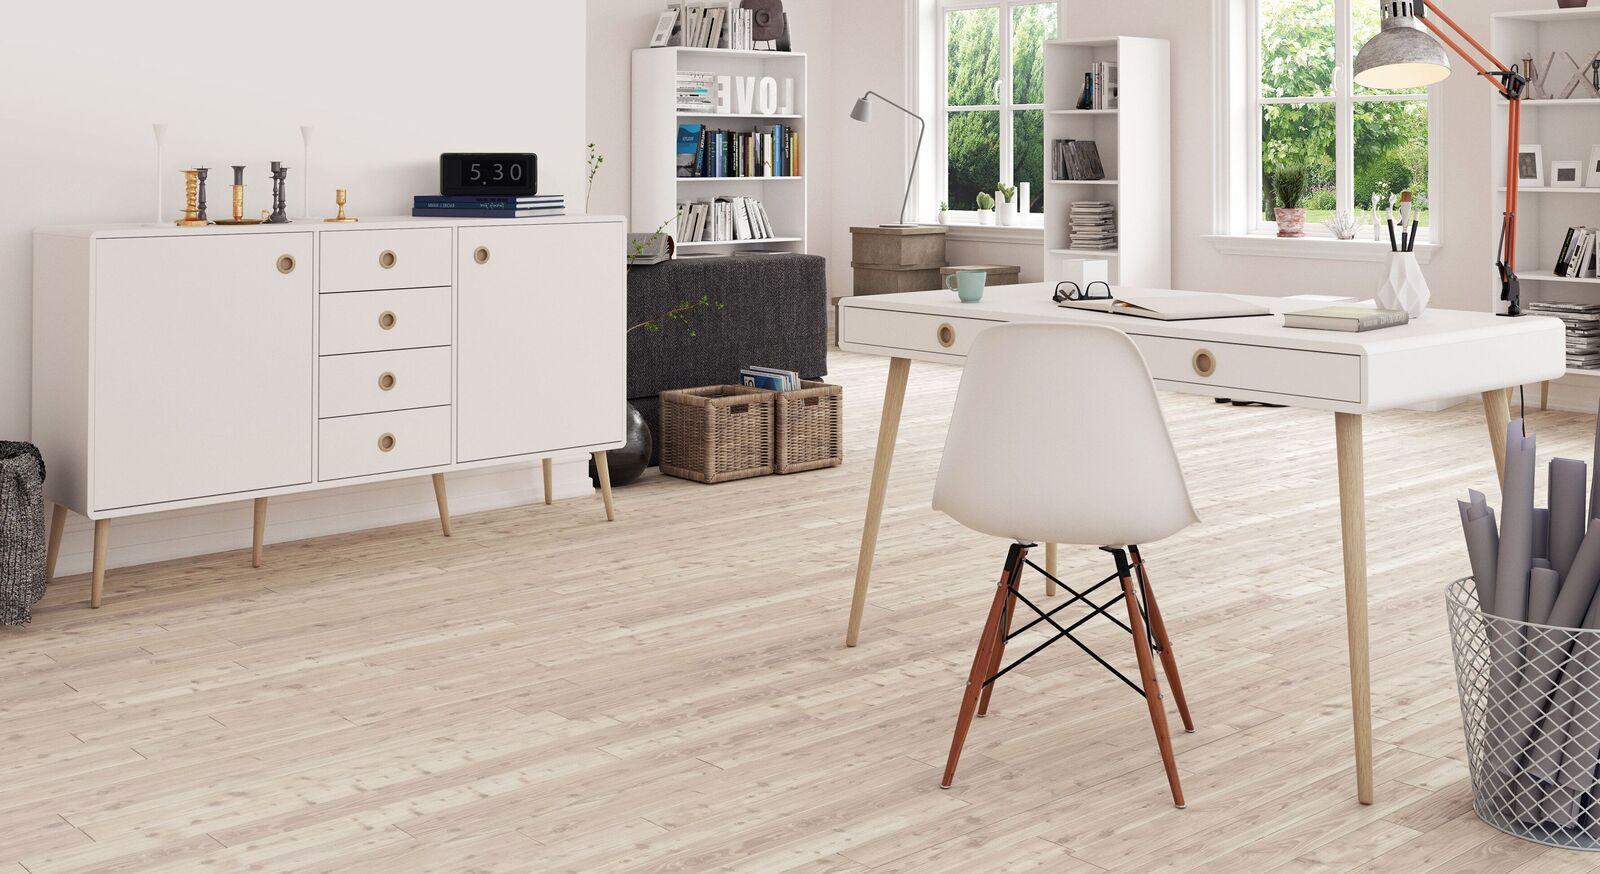 Sideboard Zuria mit passendem Schreibtisch